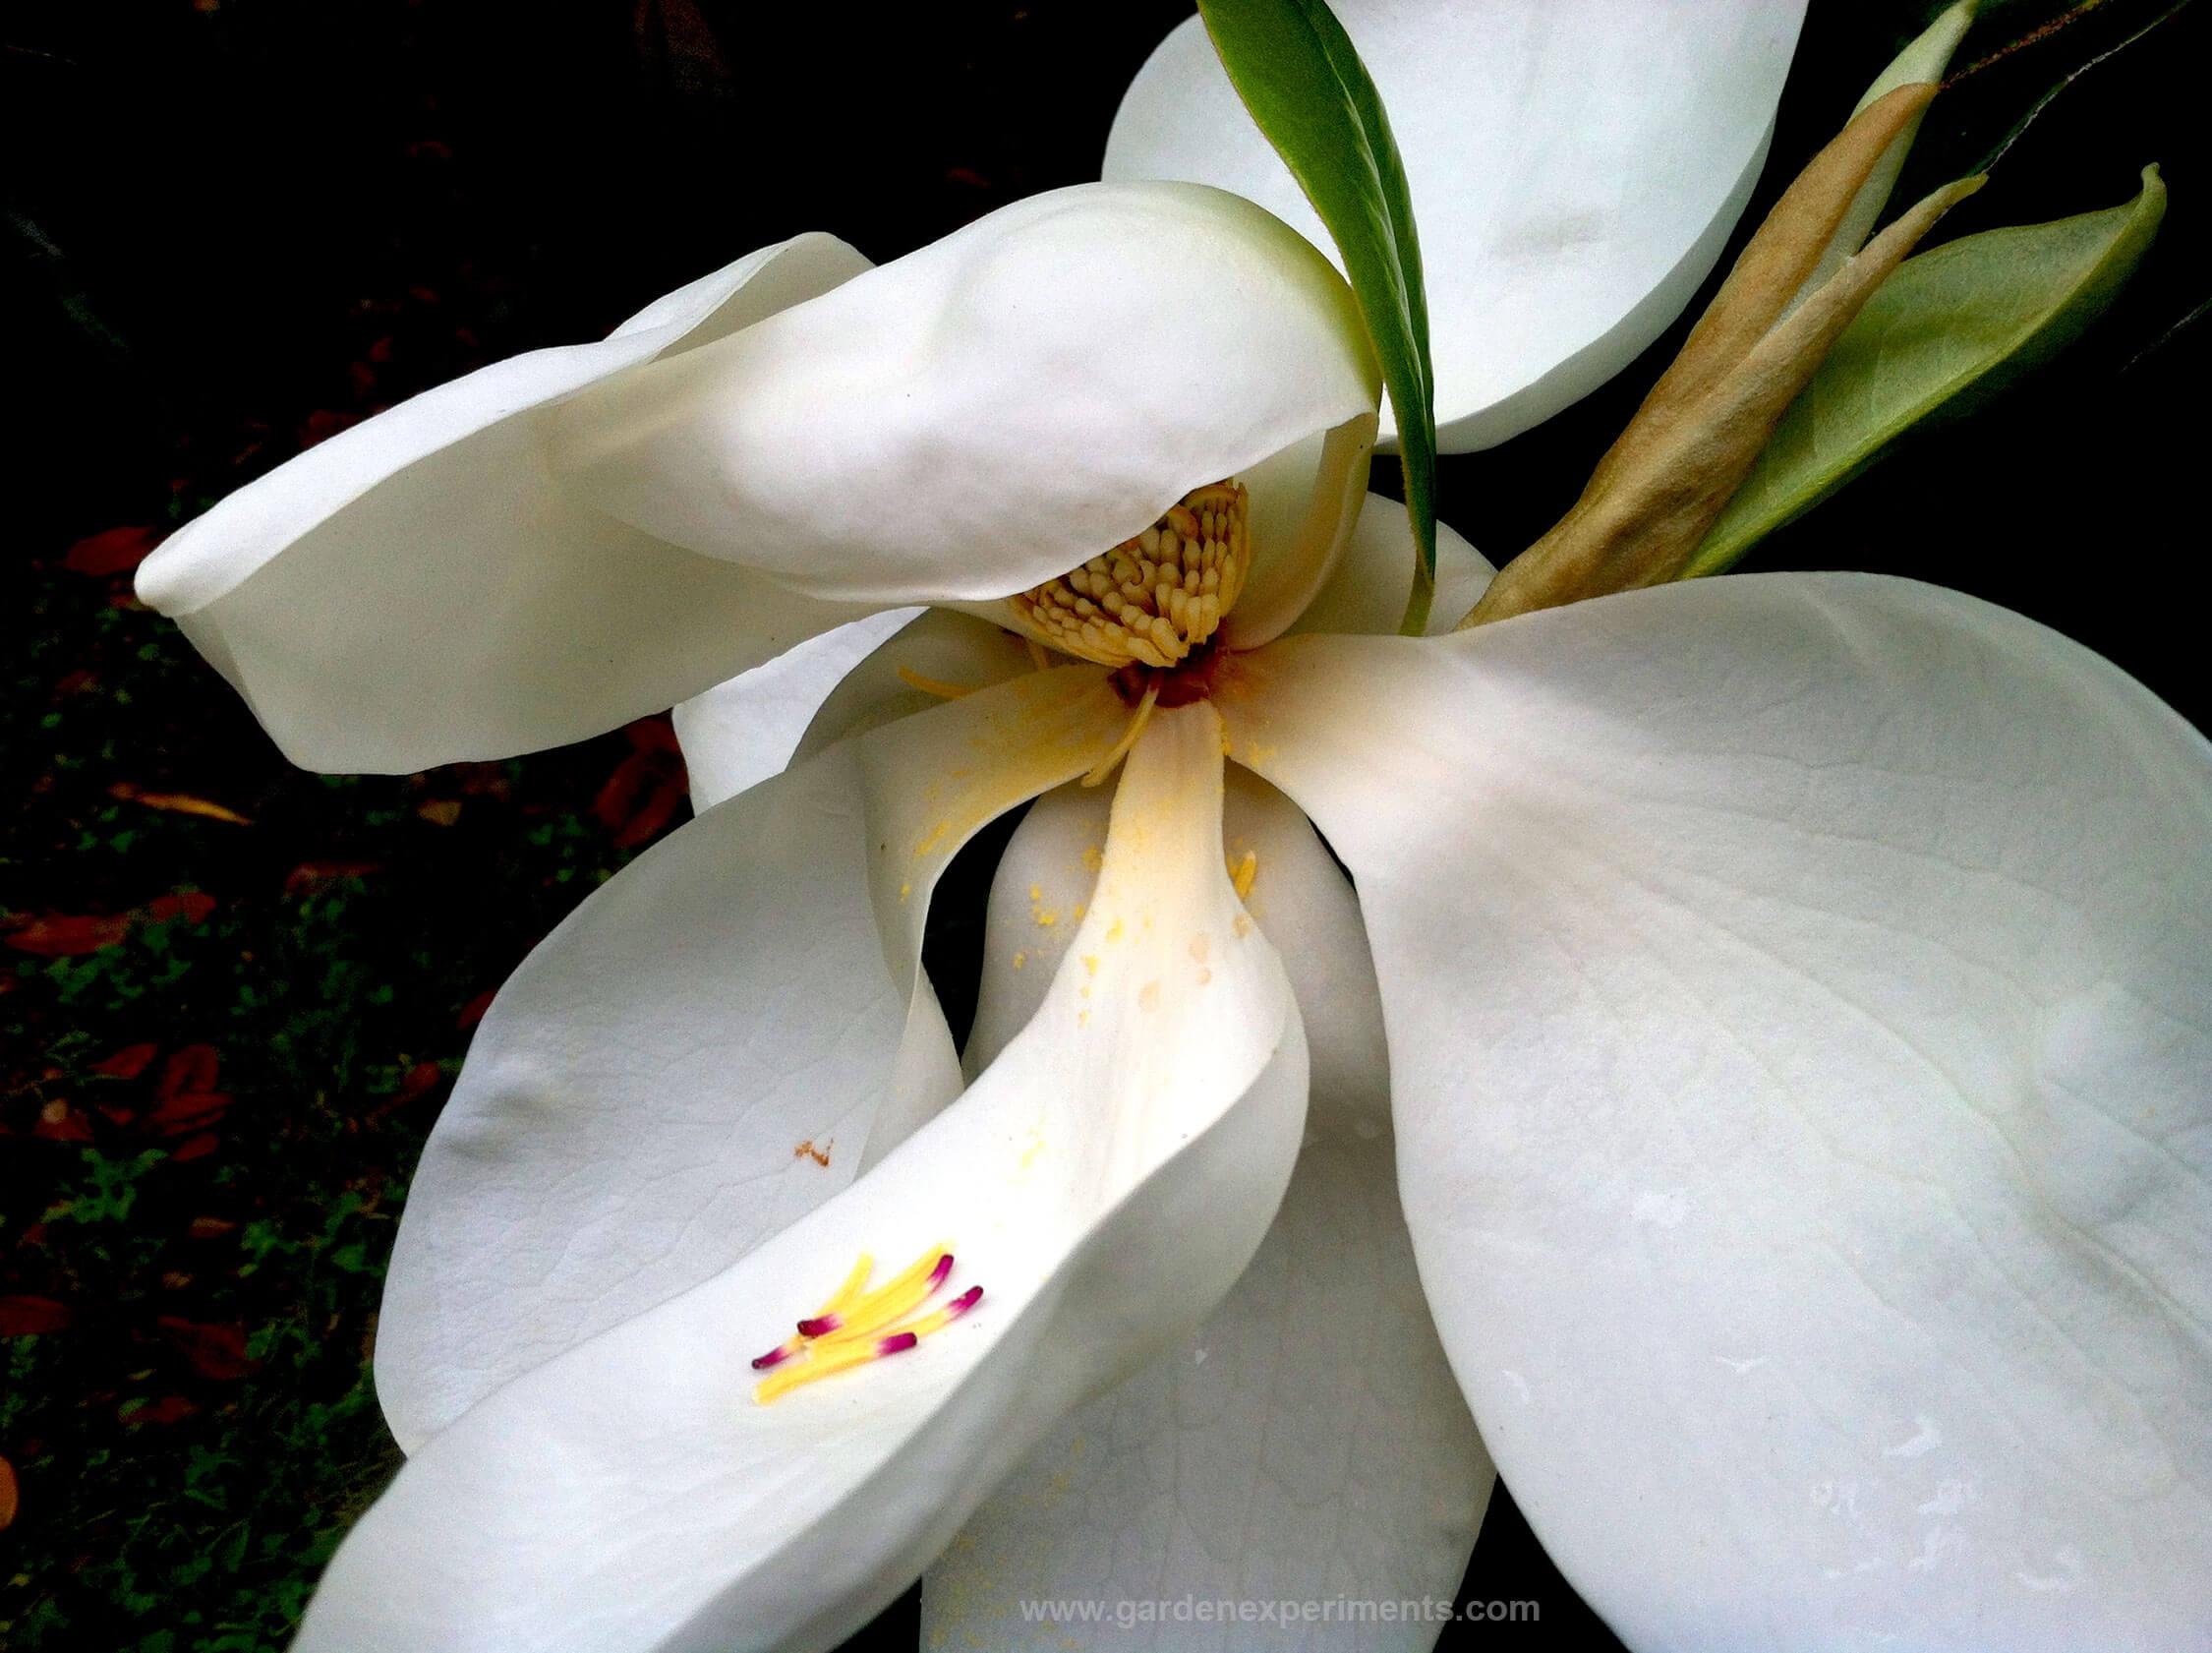 Southern magnolia magnolia grandiflora - Magnolia grandiflora ...